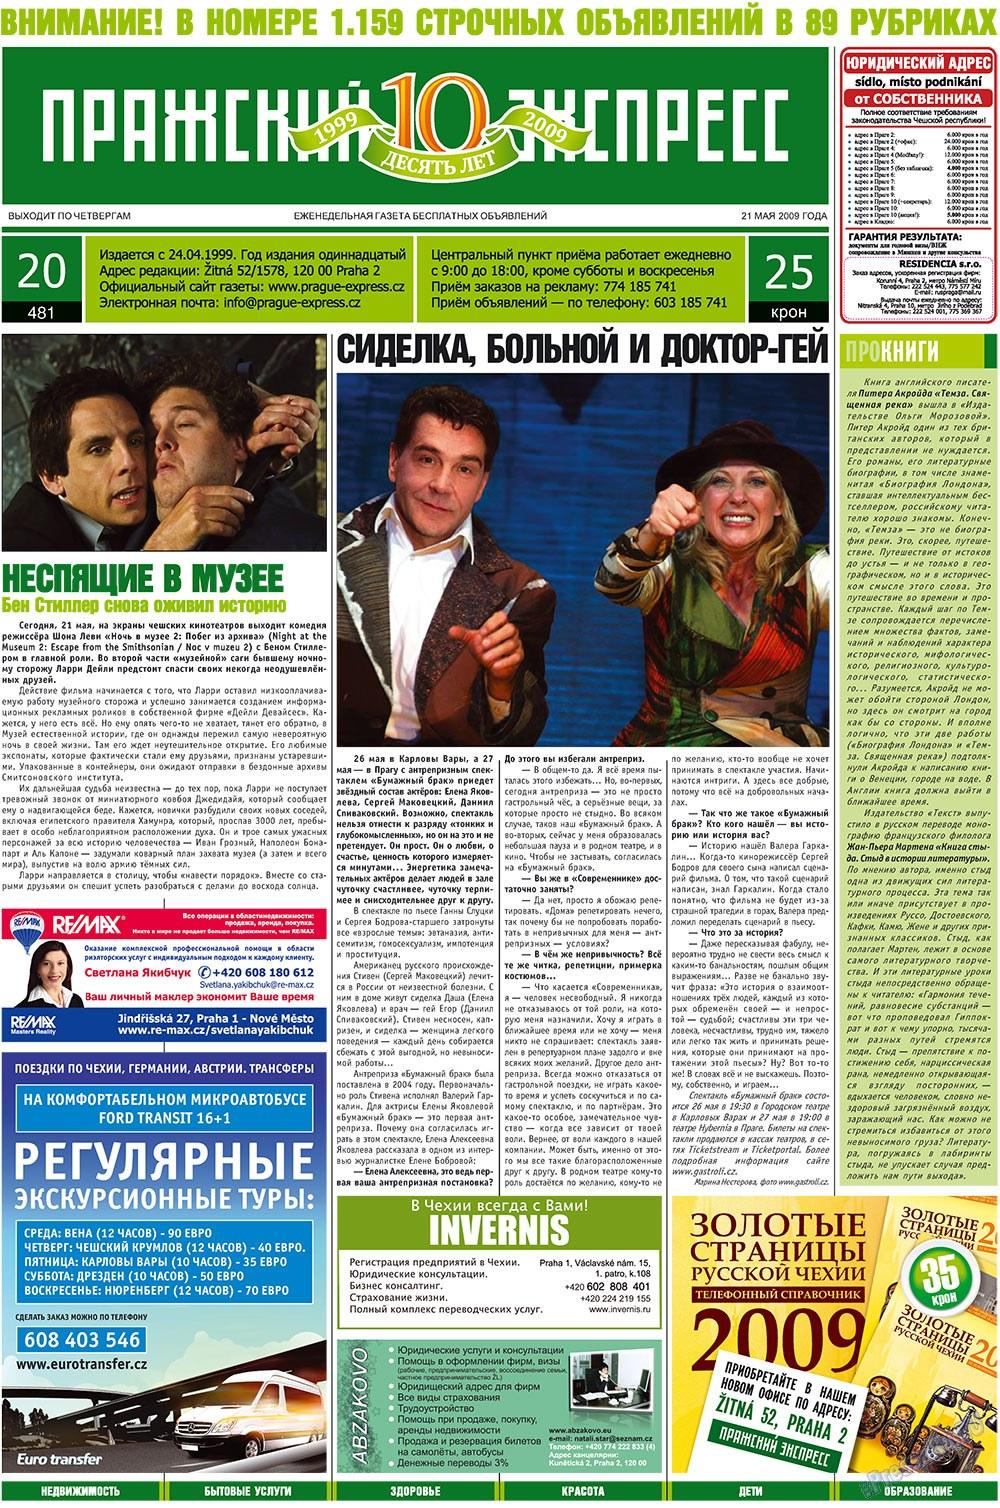 Пражский экспресс (газета). 2009 год, номер 20, стр. 1